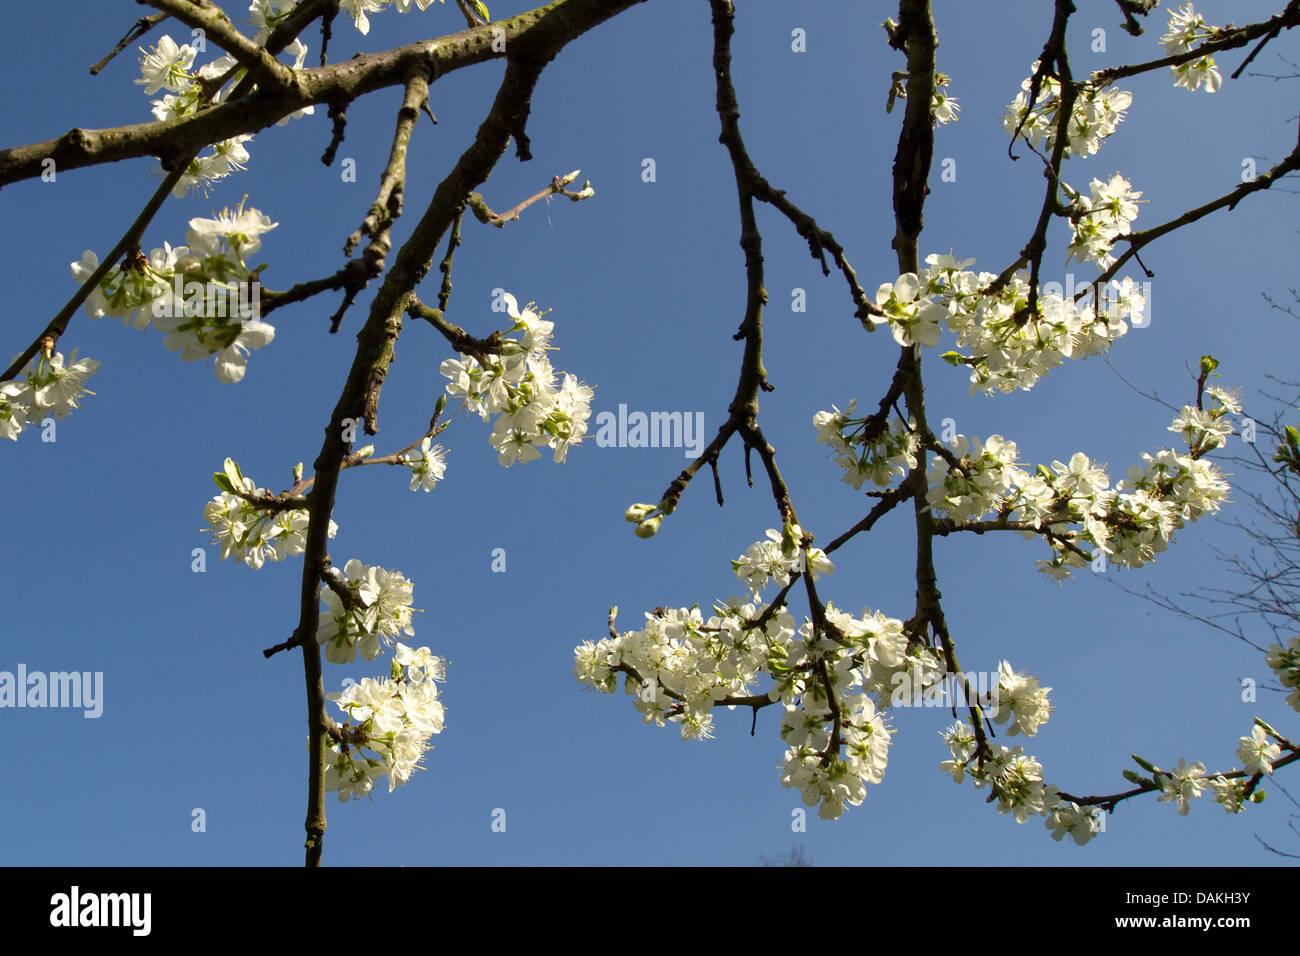 White plum blossom set against blue sky stock photo 58208191 alamy white plum blossom set against blue sky mightylinksfo